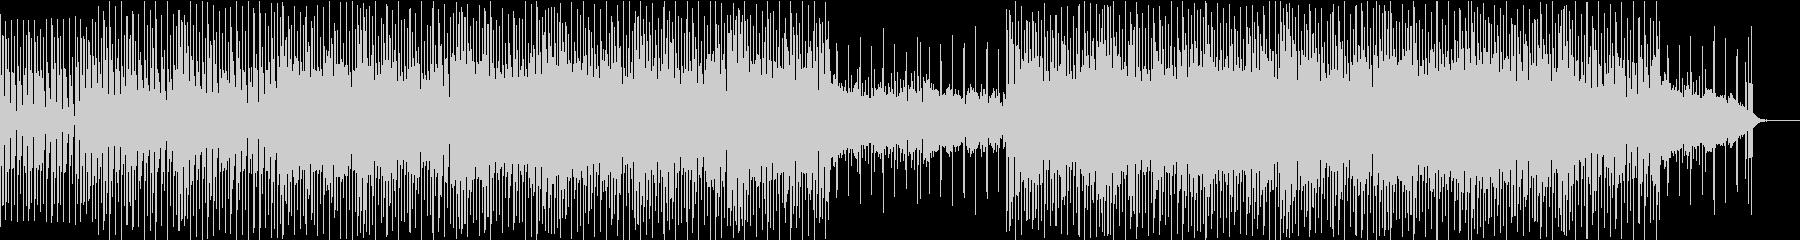 エレガントなシーンや場所で使えるジャズ2の未再生の波形